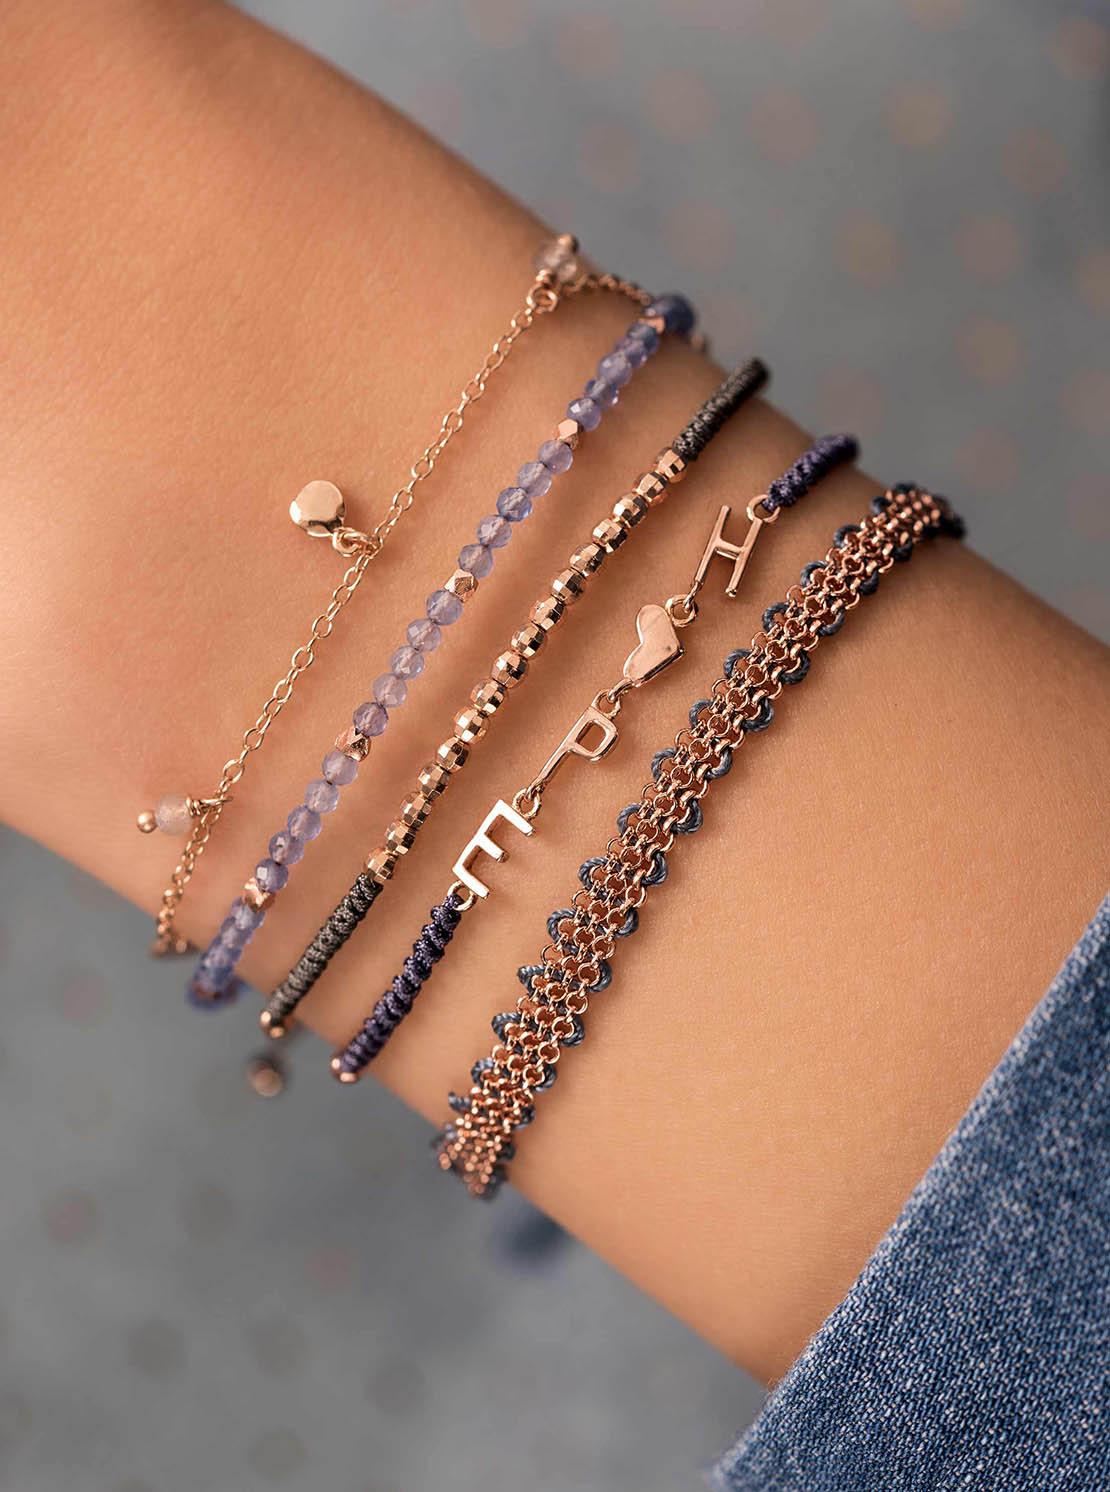 Armband - Facile